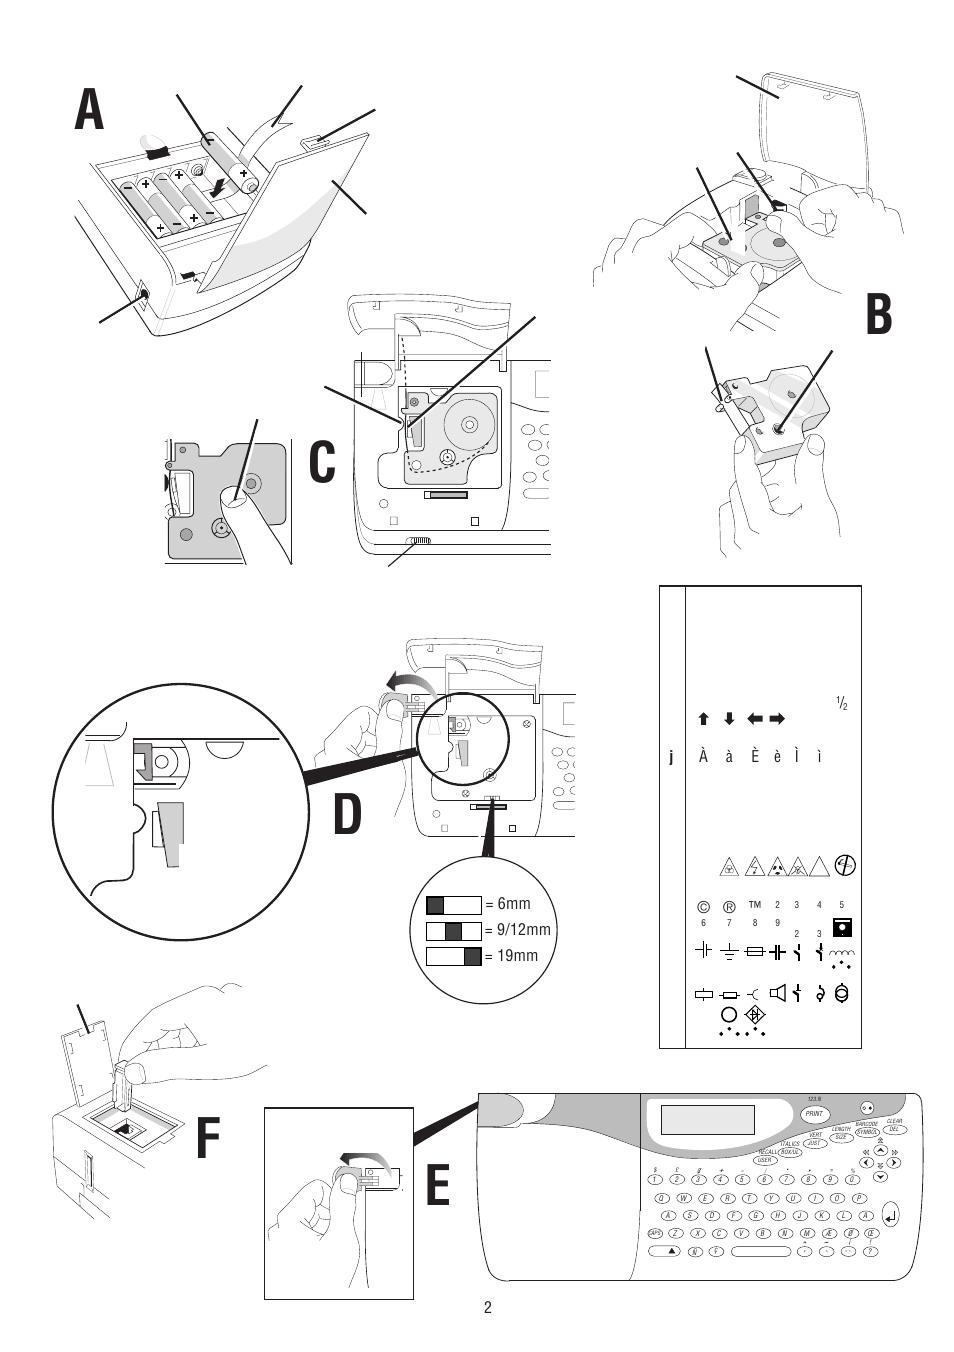 hight resolution of john deere la110 wiring diagram john deere la125 wiring john deere la125 motor john deere la135